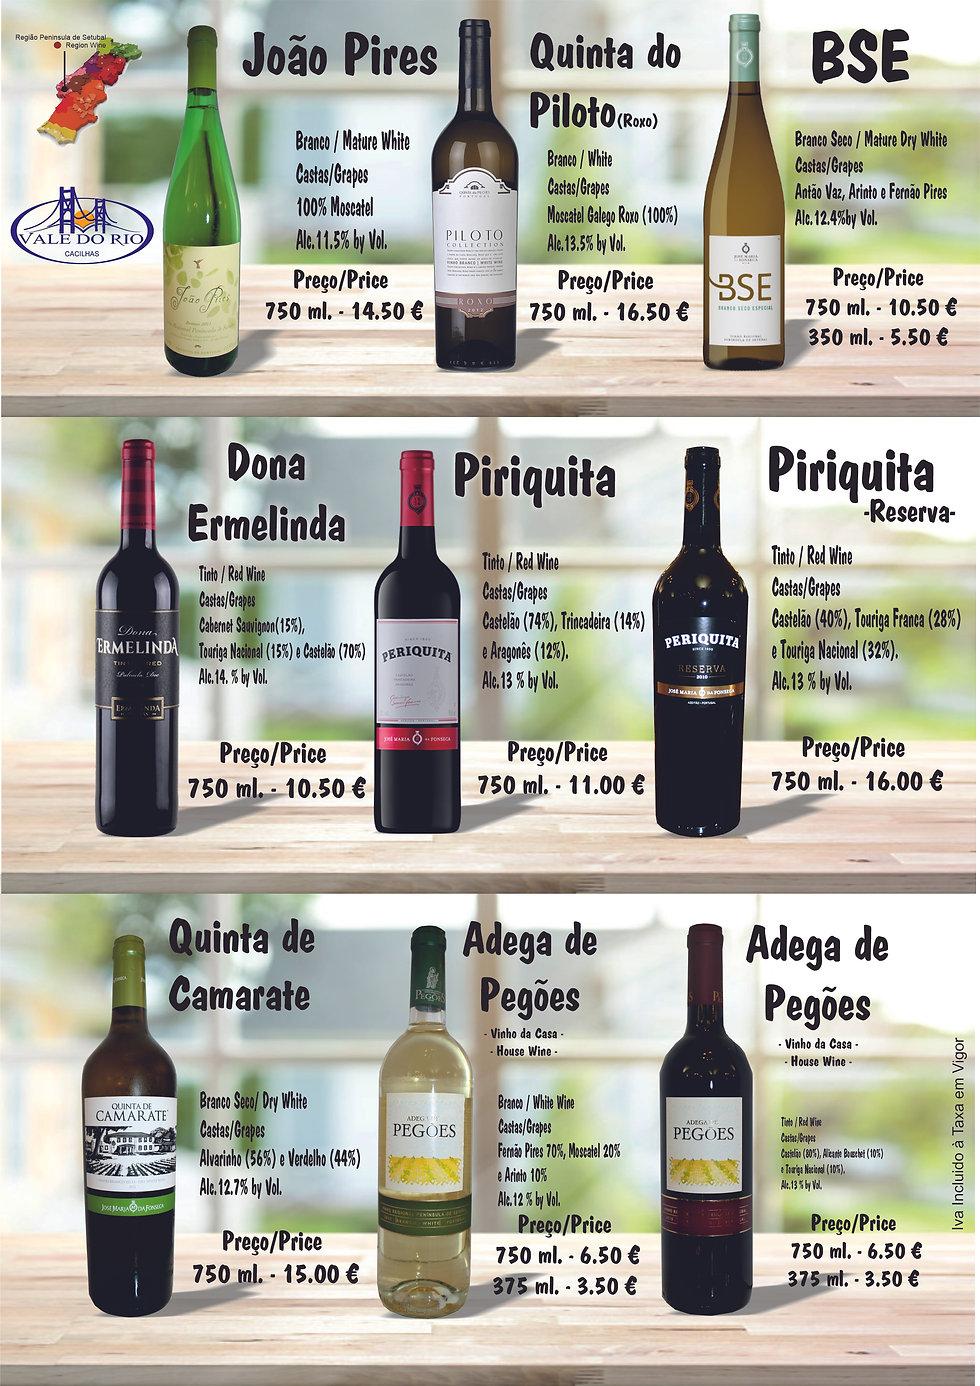 Carta de Vinhos 2020 - Setubal.jpg